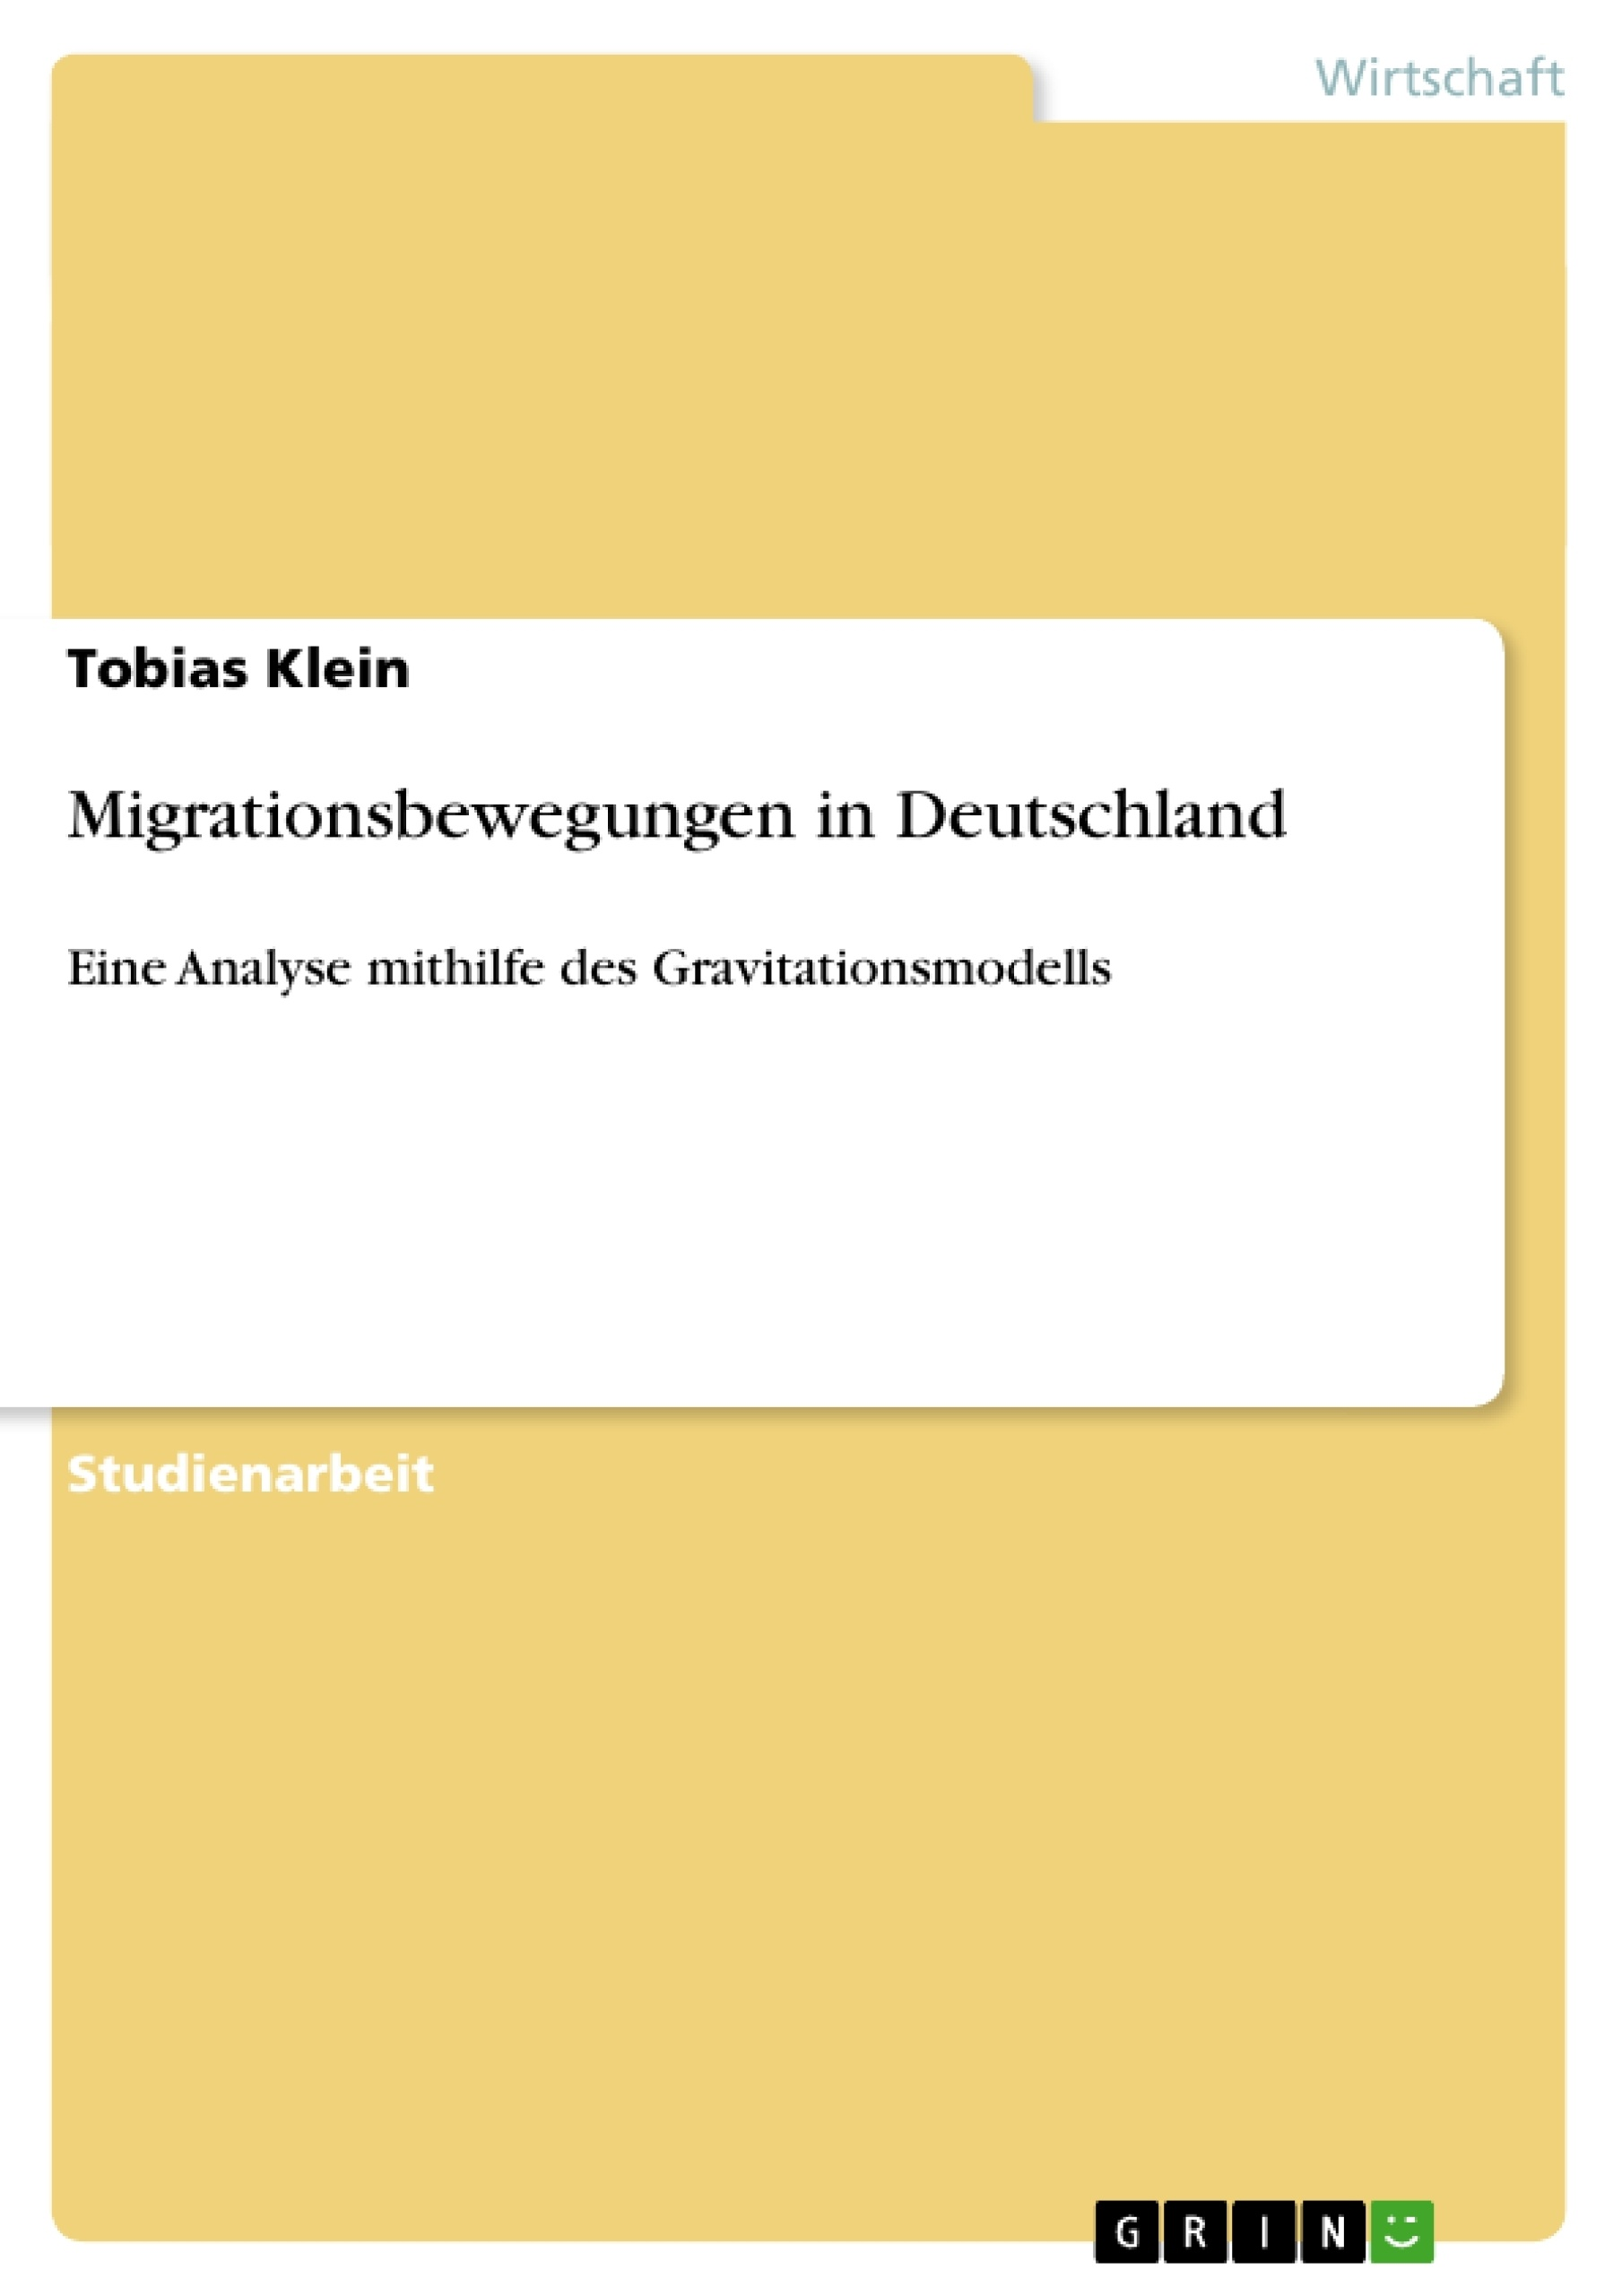 Titel: Migrationsbewegungen in Deutschland